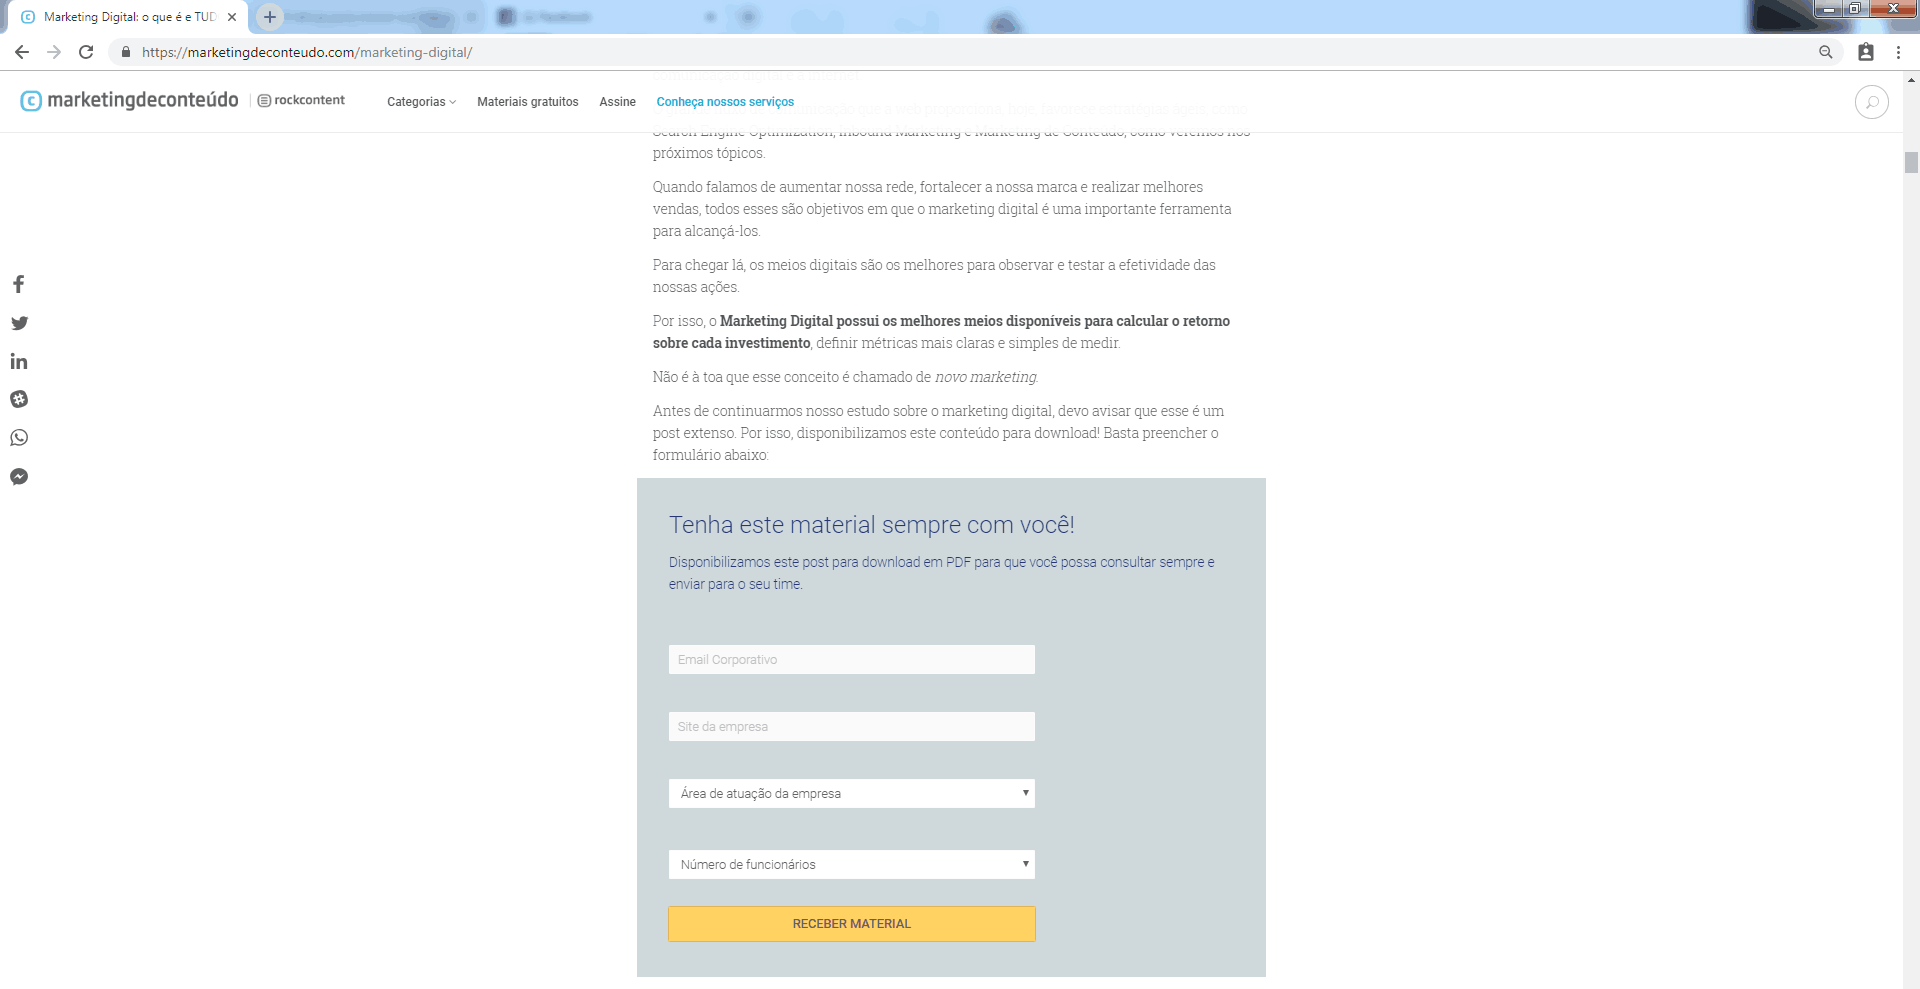 crie pdfs para crescer a sua lista de emails